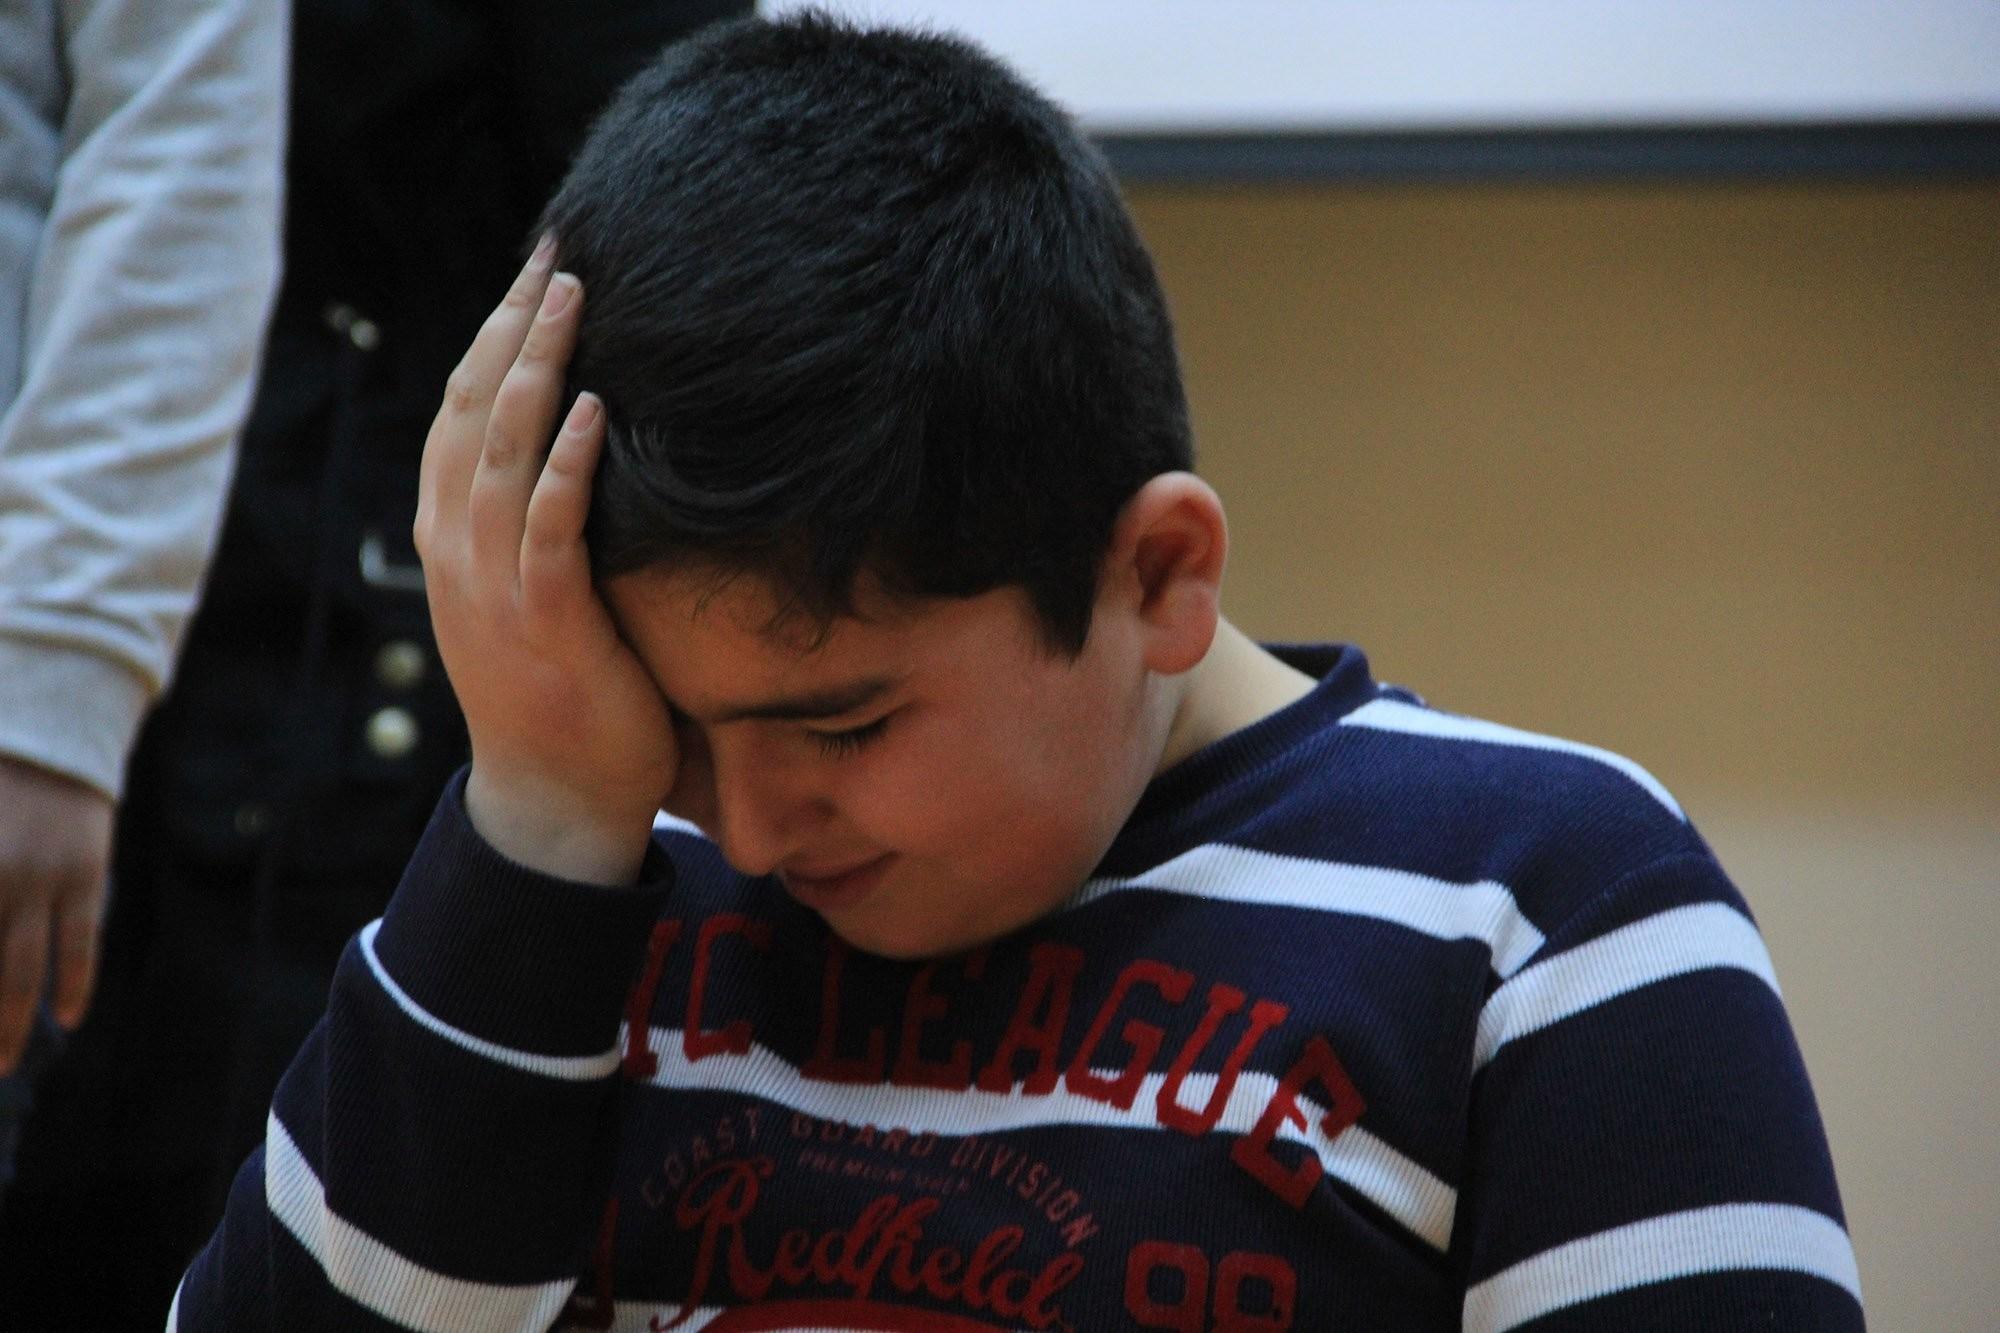 Suriyeli Çocukların Savaşı Anlatmaya Güçleri Yetmedi